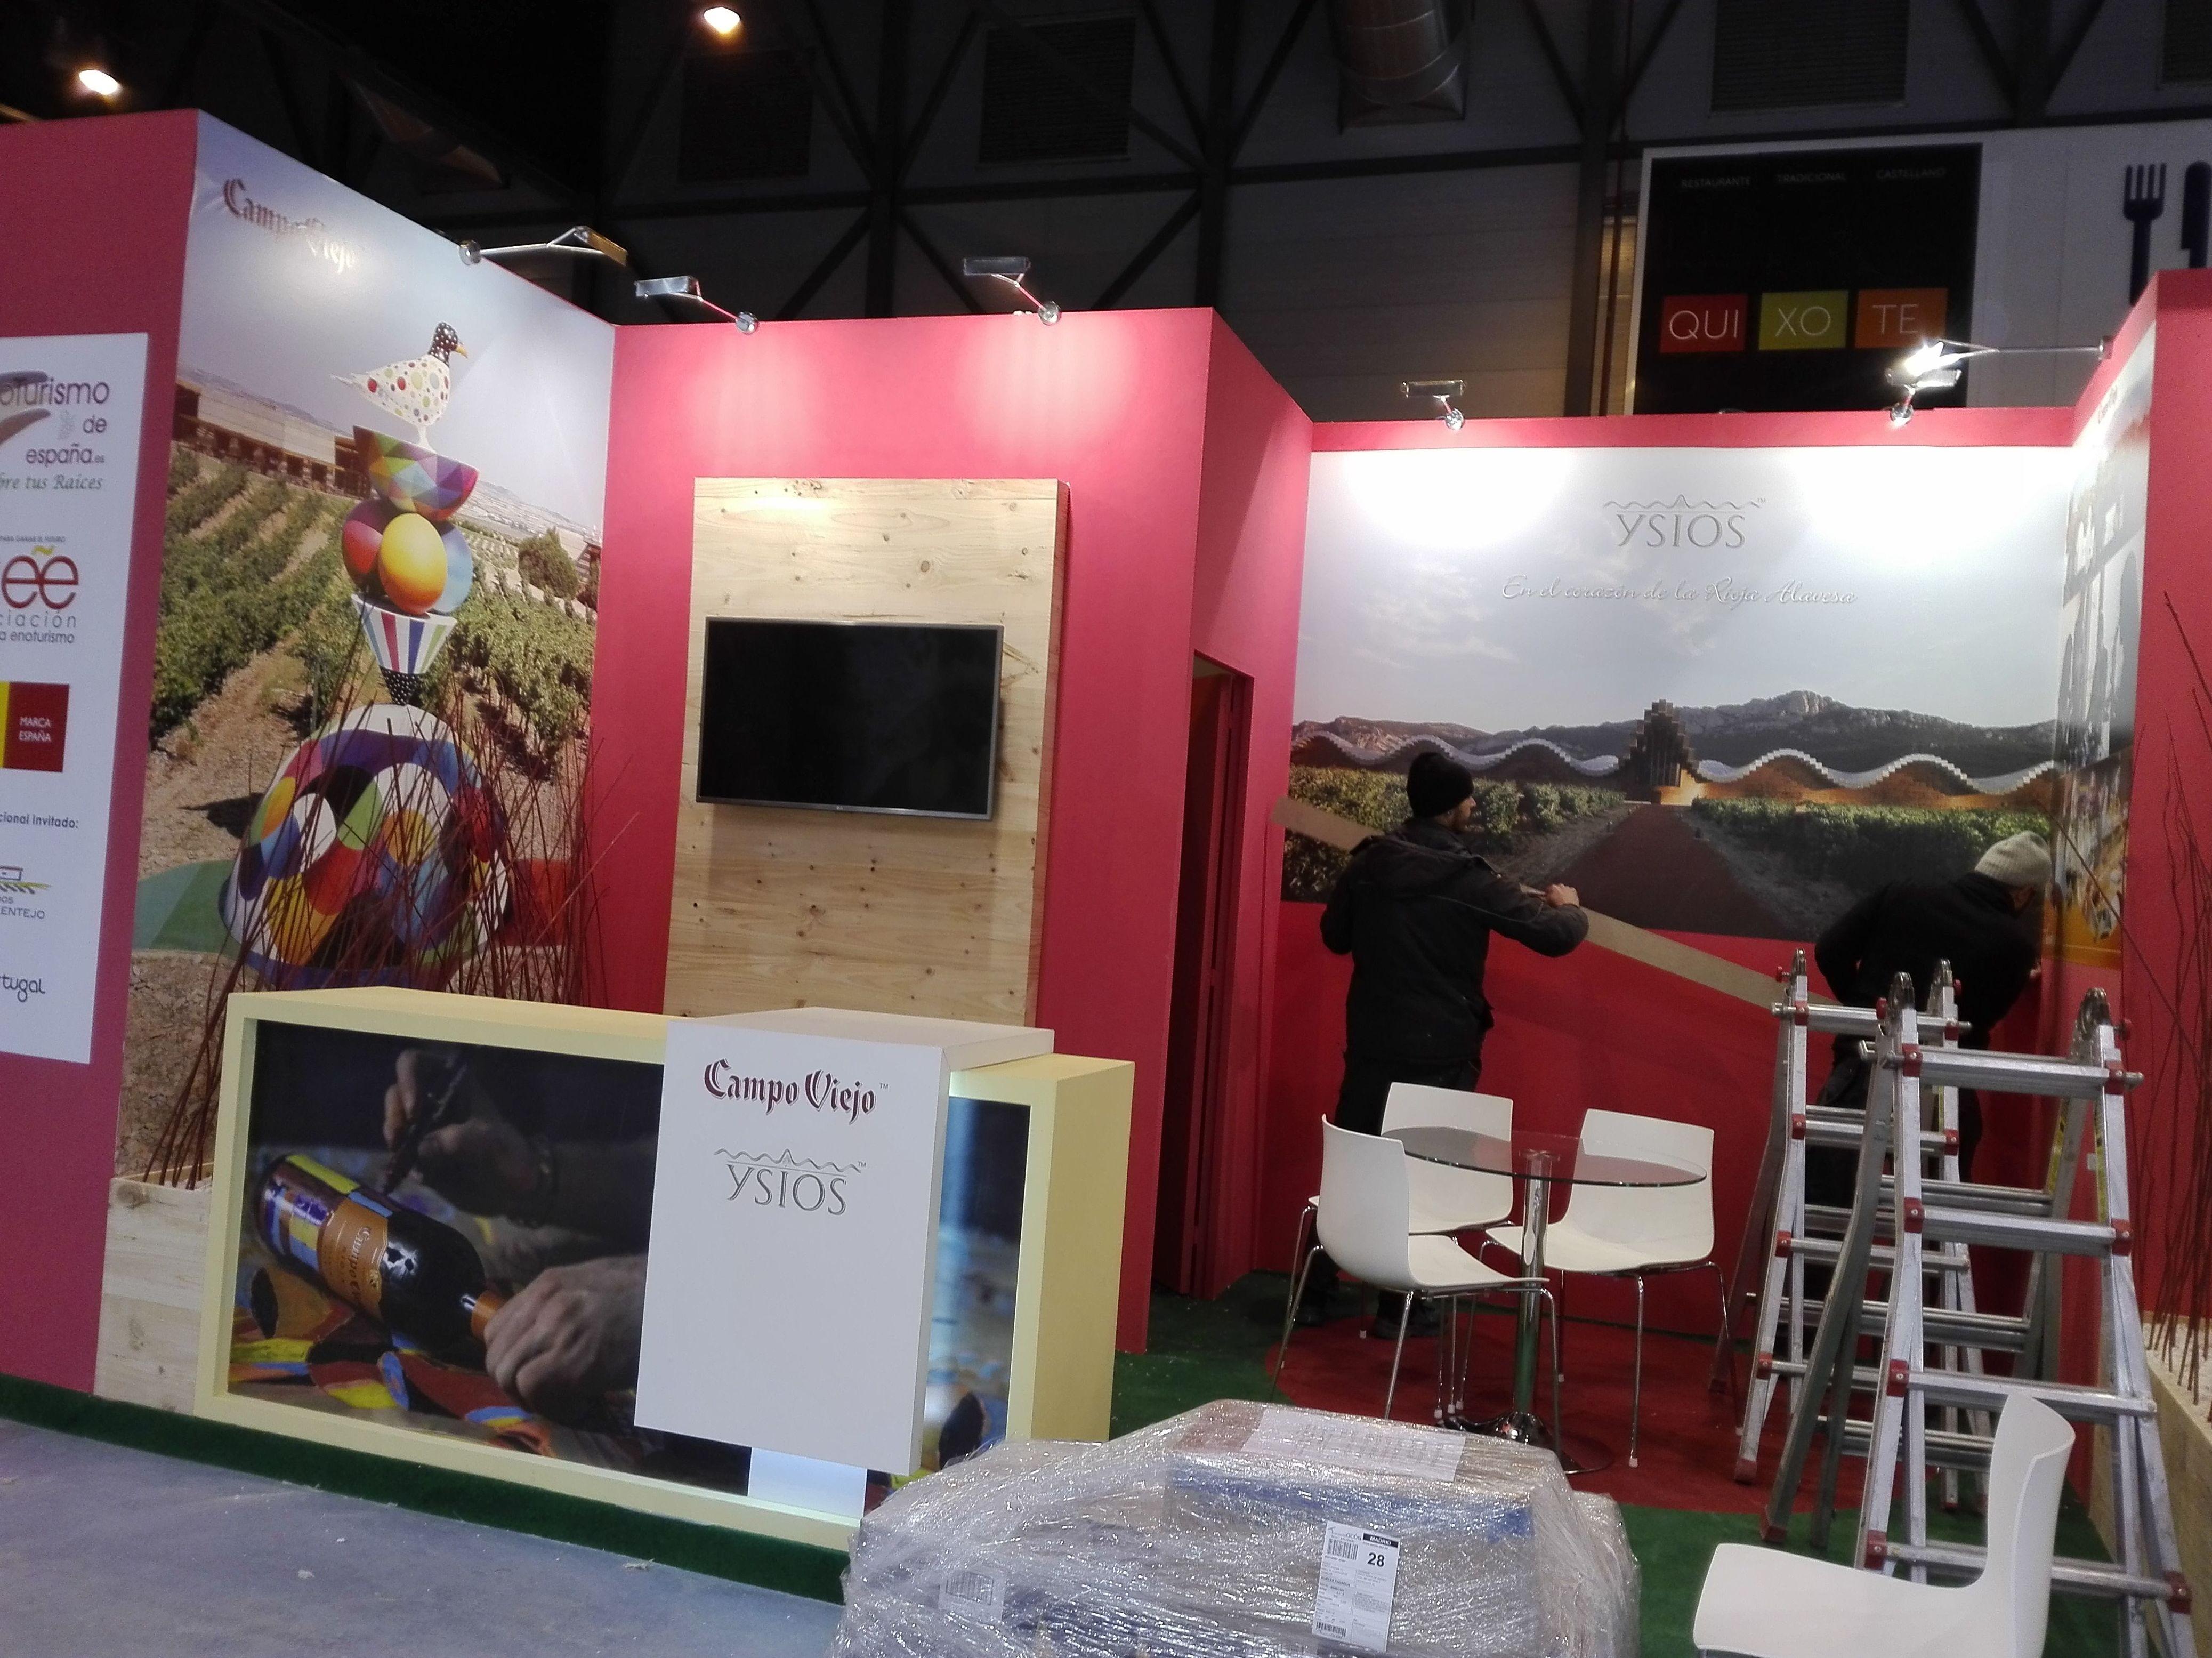 Impresión digital y aplicación de vinilos para el stand Ecoturismo en el IFEMA feria Fitur anfitriona Madrid capital del turismo.